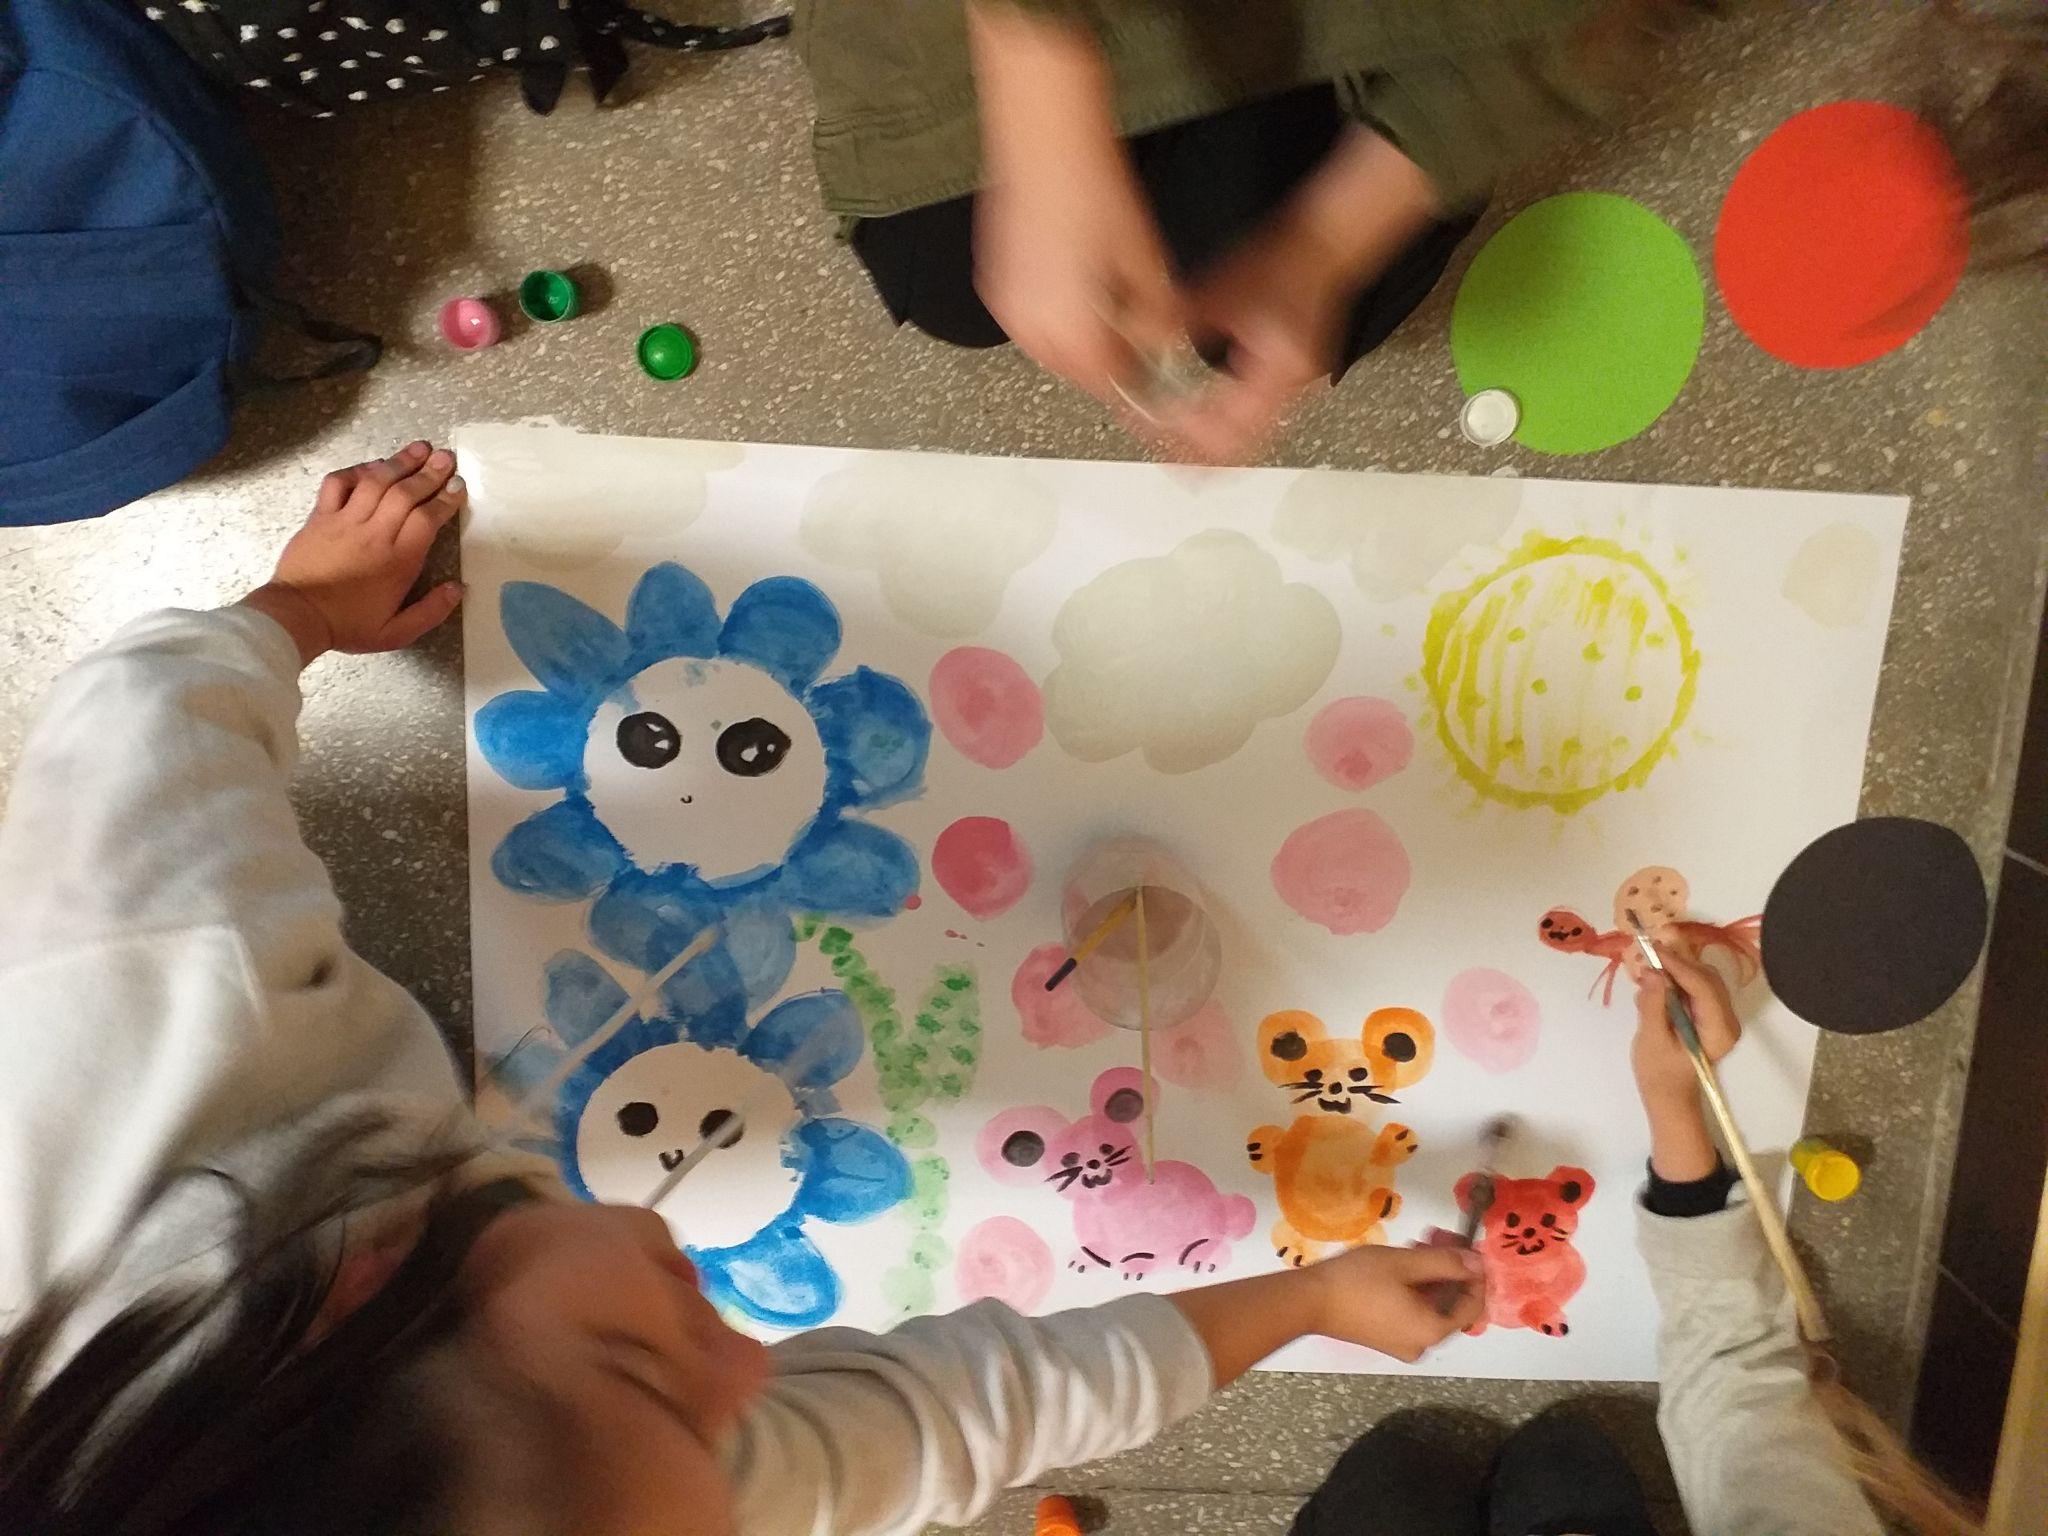 dzien kropki 3 3 MiędzynarodowyDzień Kropki w Szkole Podstawowej Nr 10 w Zamościu